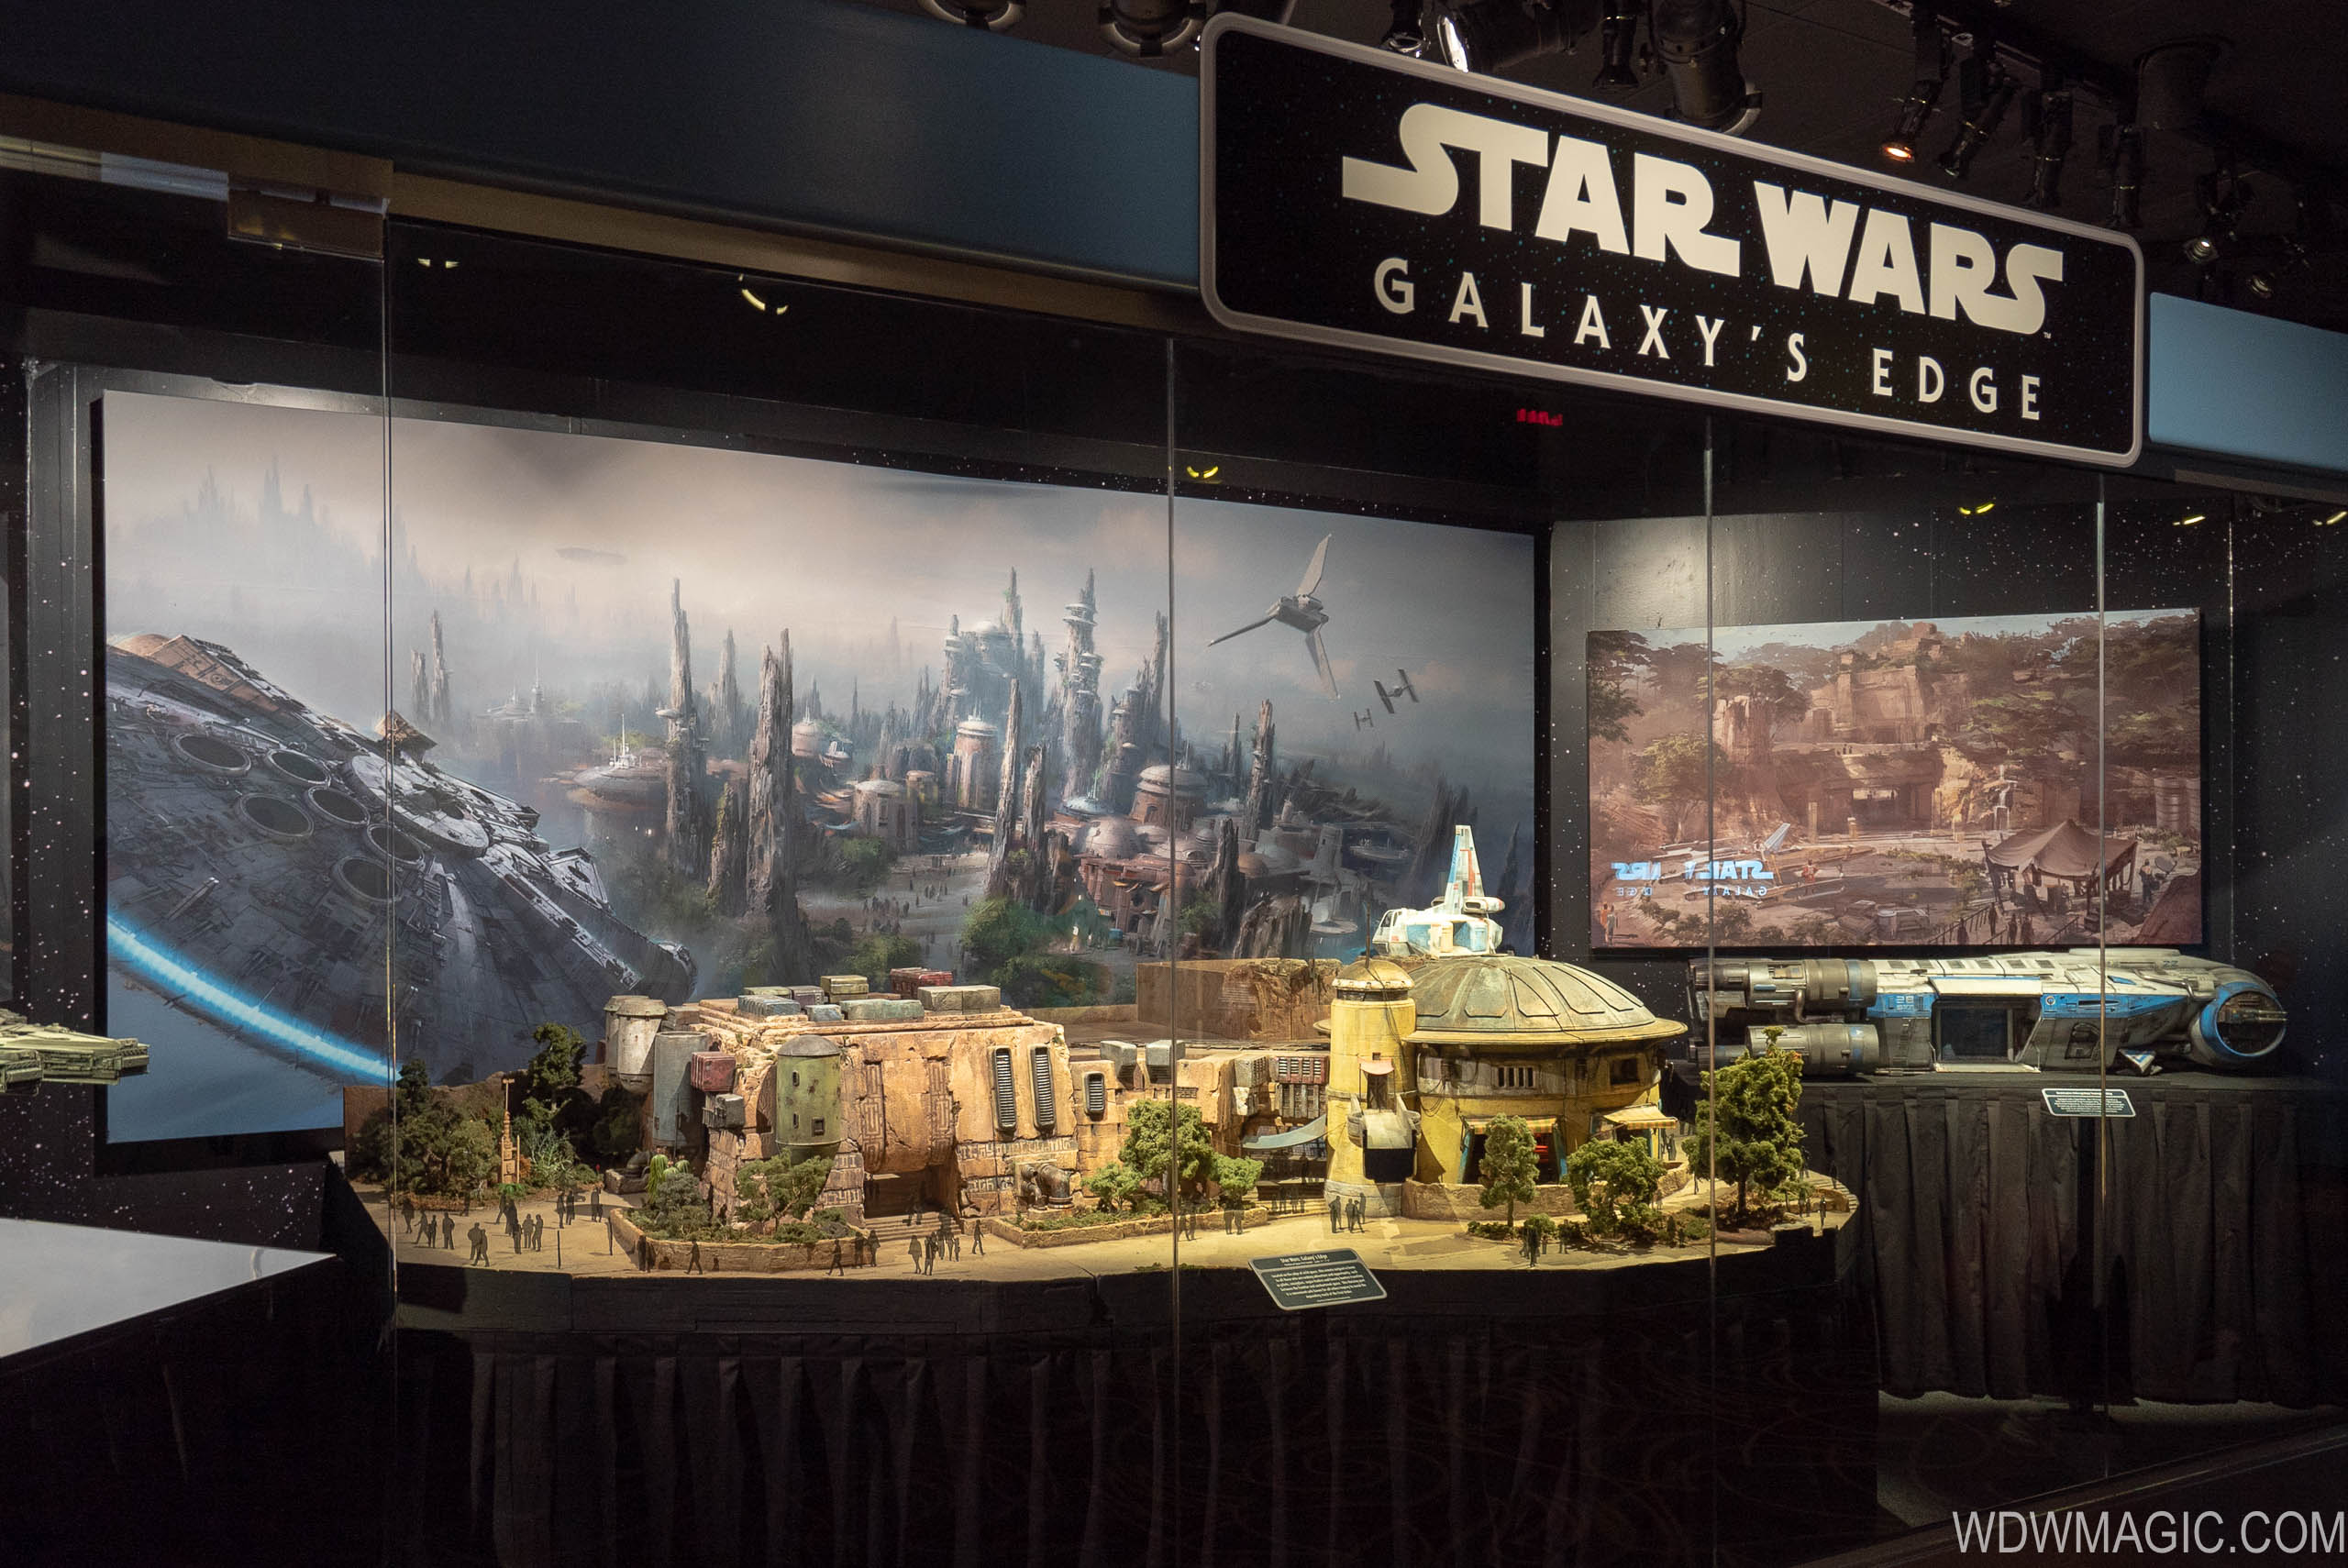 Star Wars Galaxy's Edge model updates